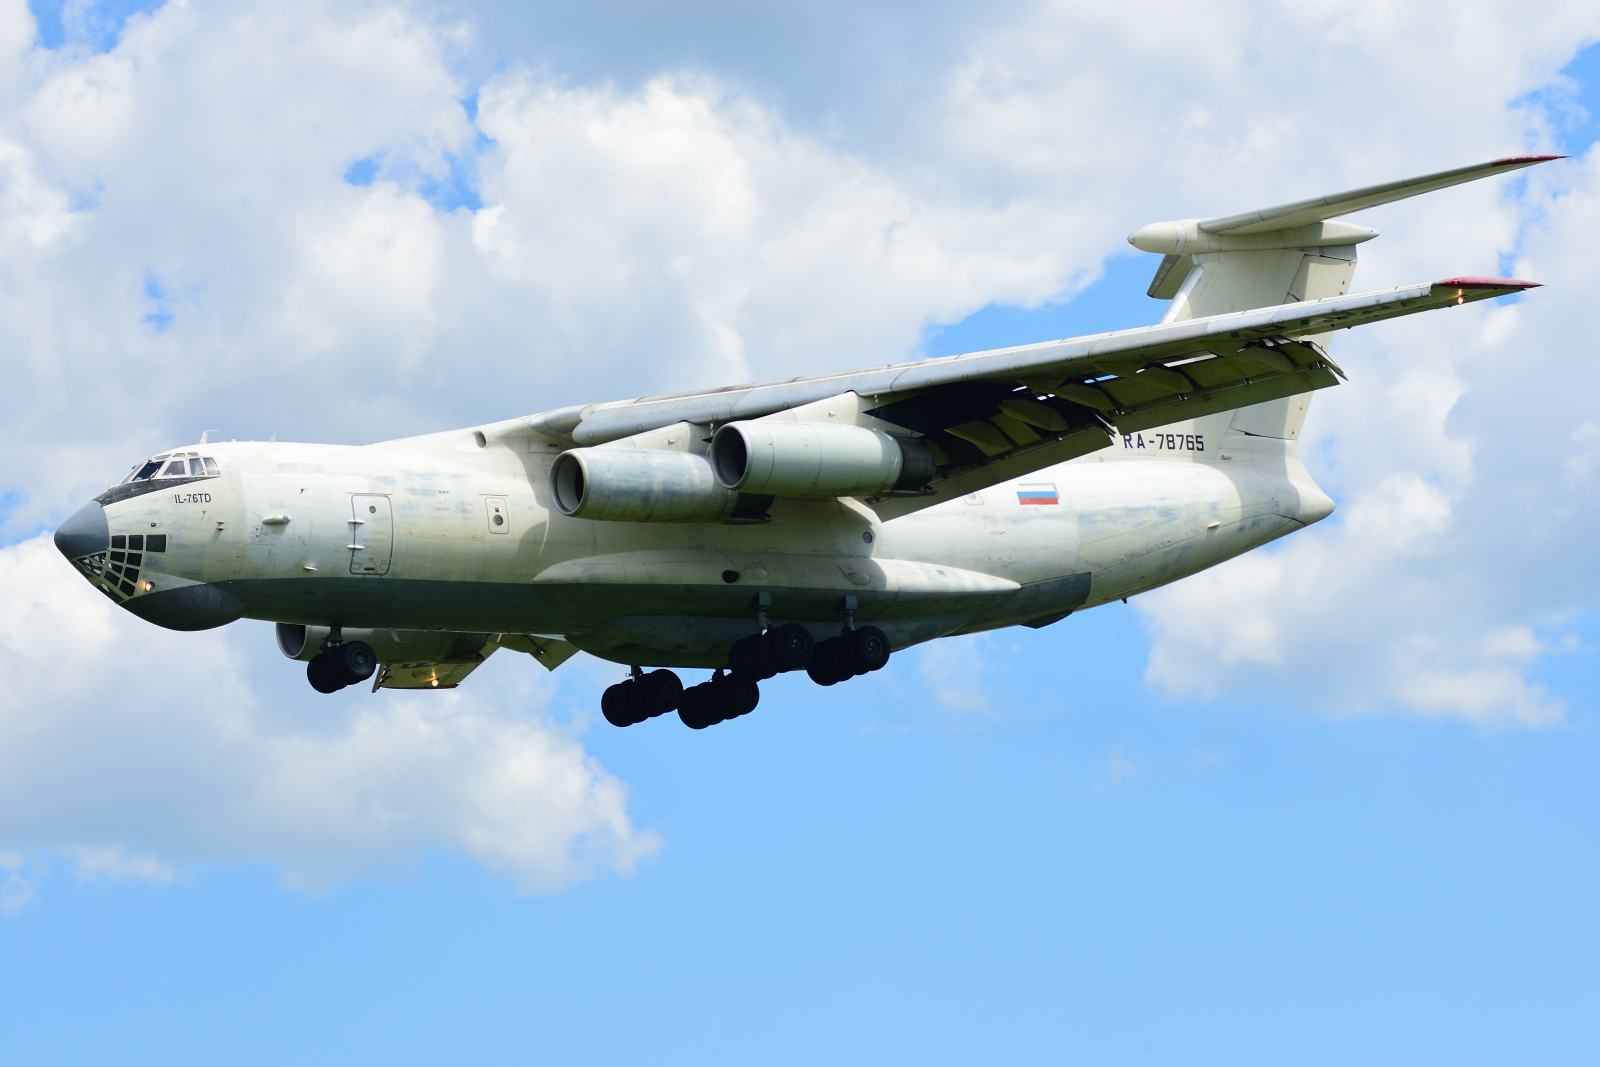 IL76, RA-78765